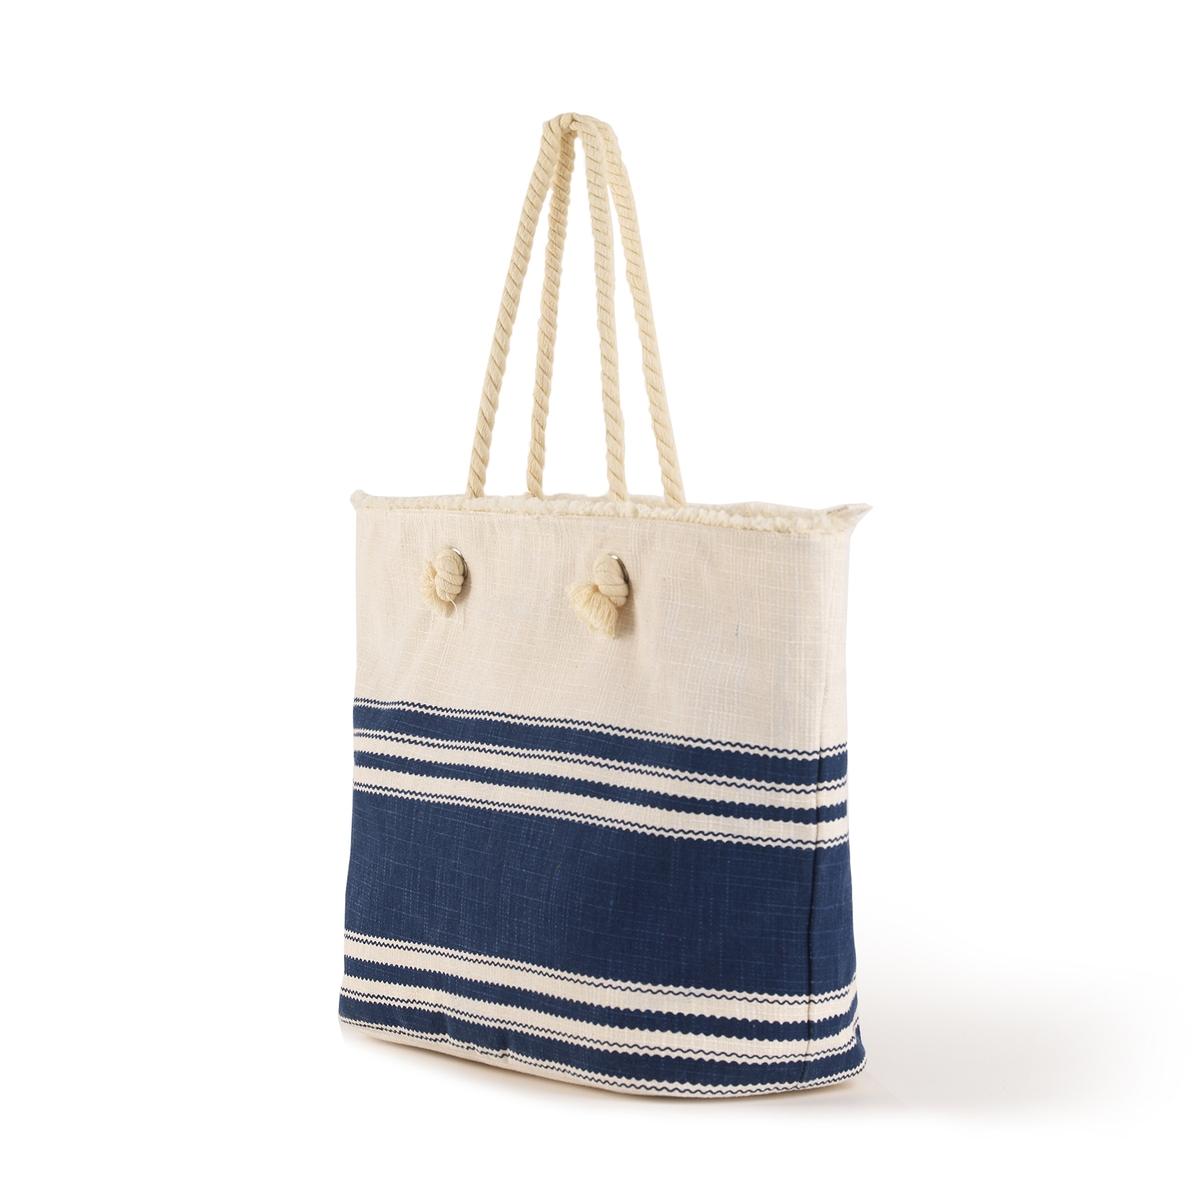 Сумка-шоппер в полоскуСумка-шоппер в полоску, Atelier R.Очень практичная сумка-шоппер, застежка на молнию, внутренние карманы, носить через плечо. Состав и описаниеМатериал : верх из синтетики                 подкладка из текстиляМарка : Atelier RРазмеры : В.35 x Ш.54 x Г.19 смЗастежка : Застежка на молнию1 карман на молнии и 2 кармана для мобильного телефона.<br><br>Цвет: синий